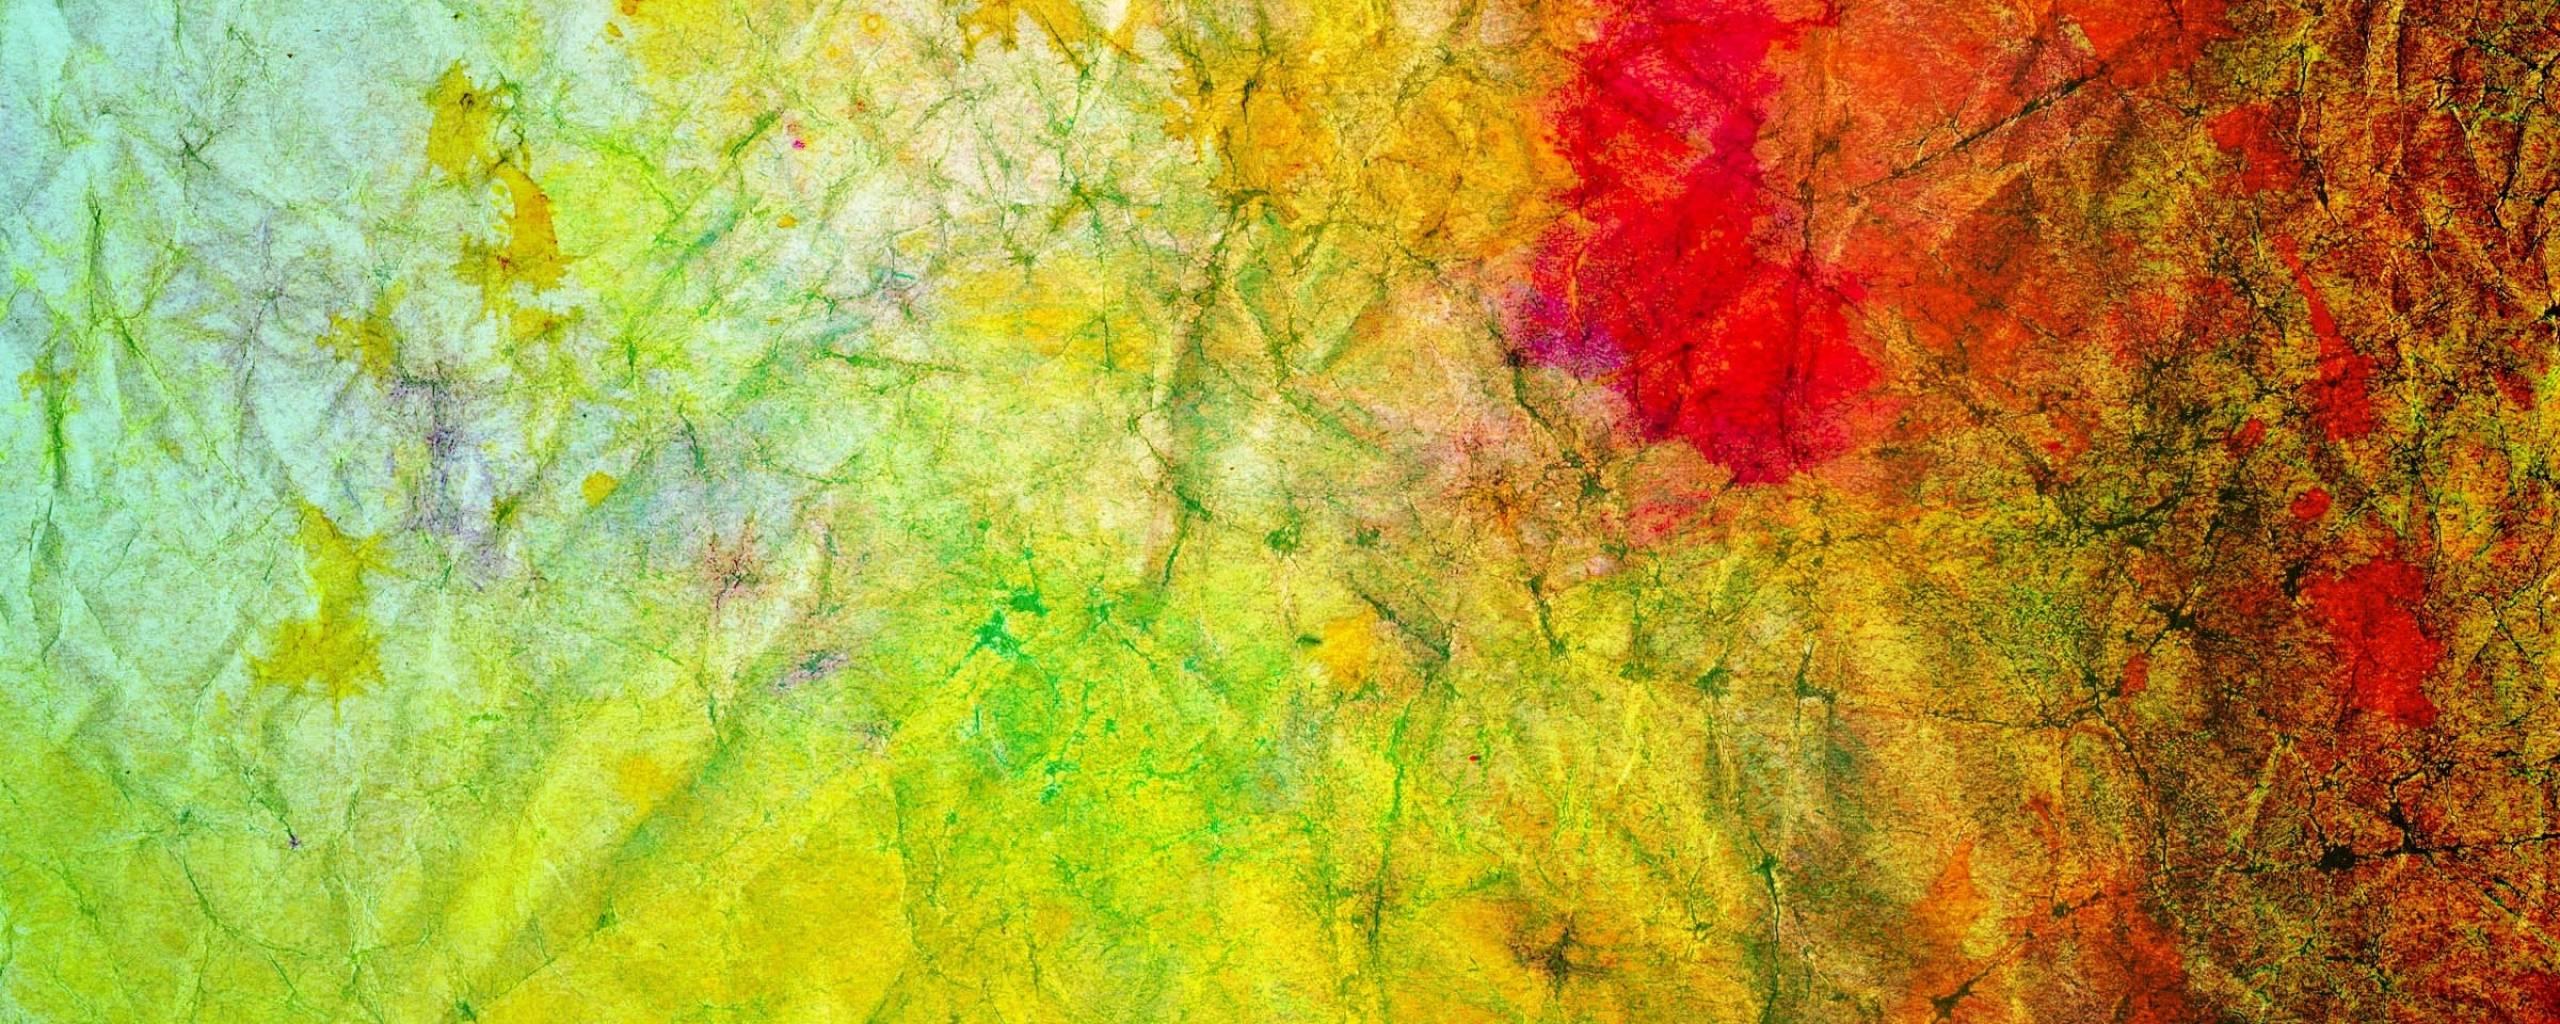 multi colored wallpaper original - photo #33